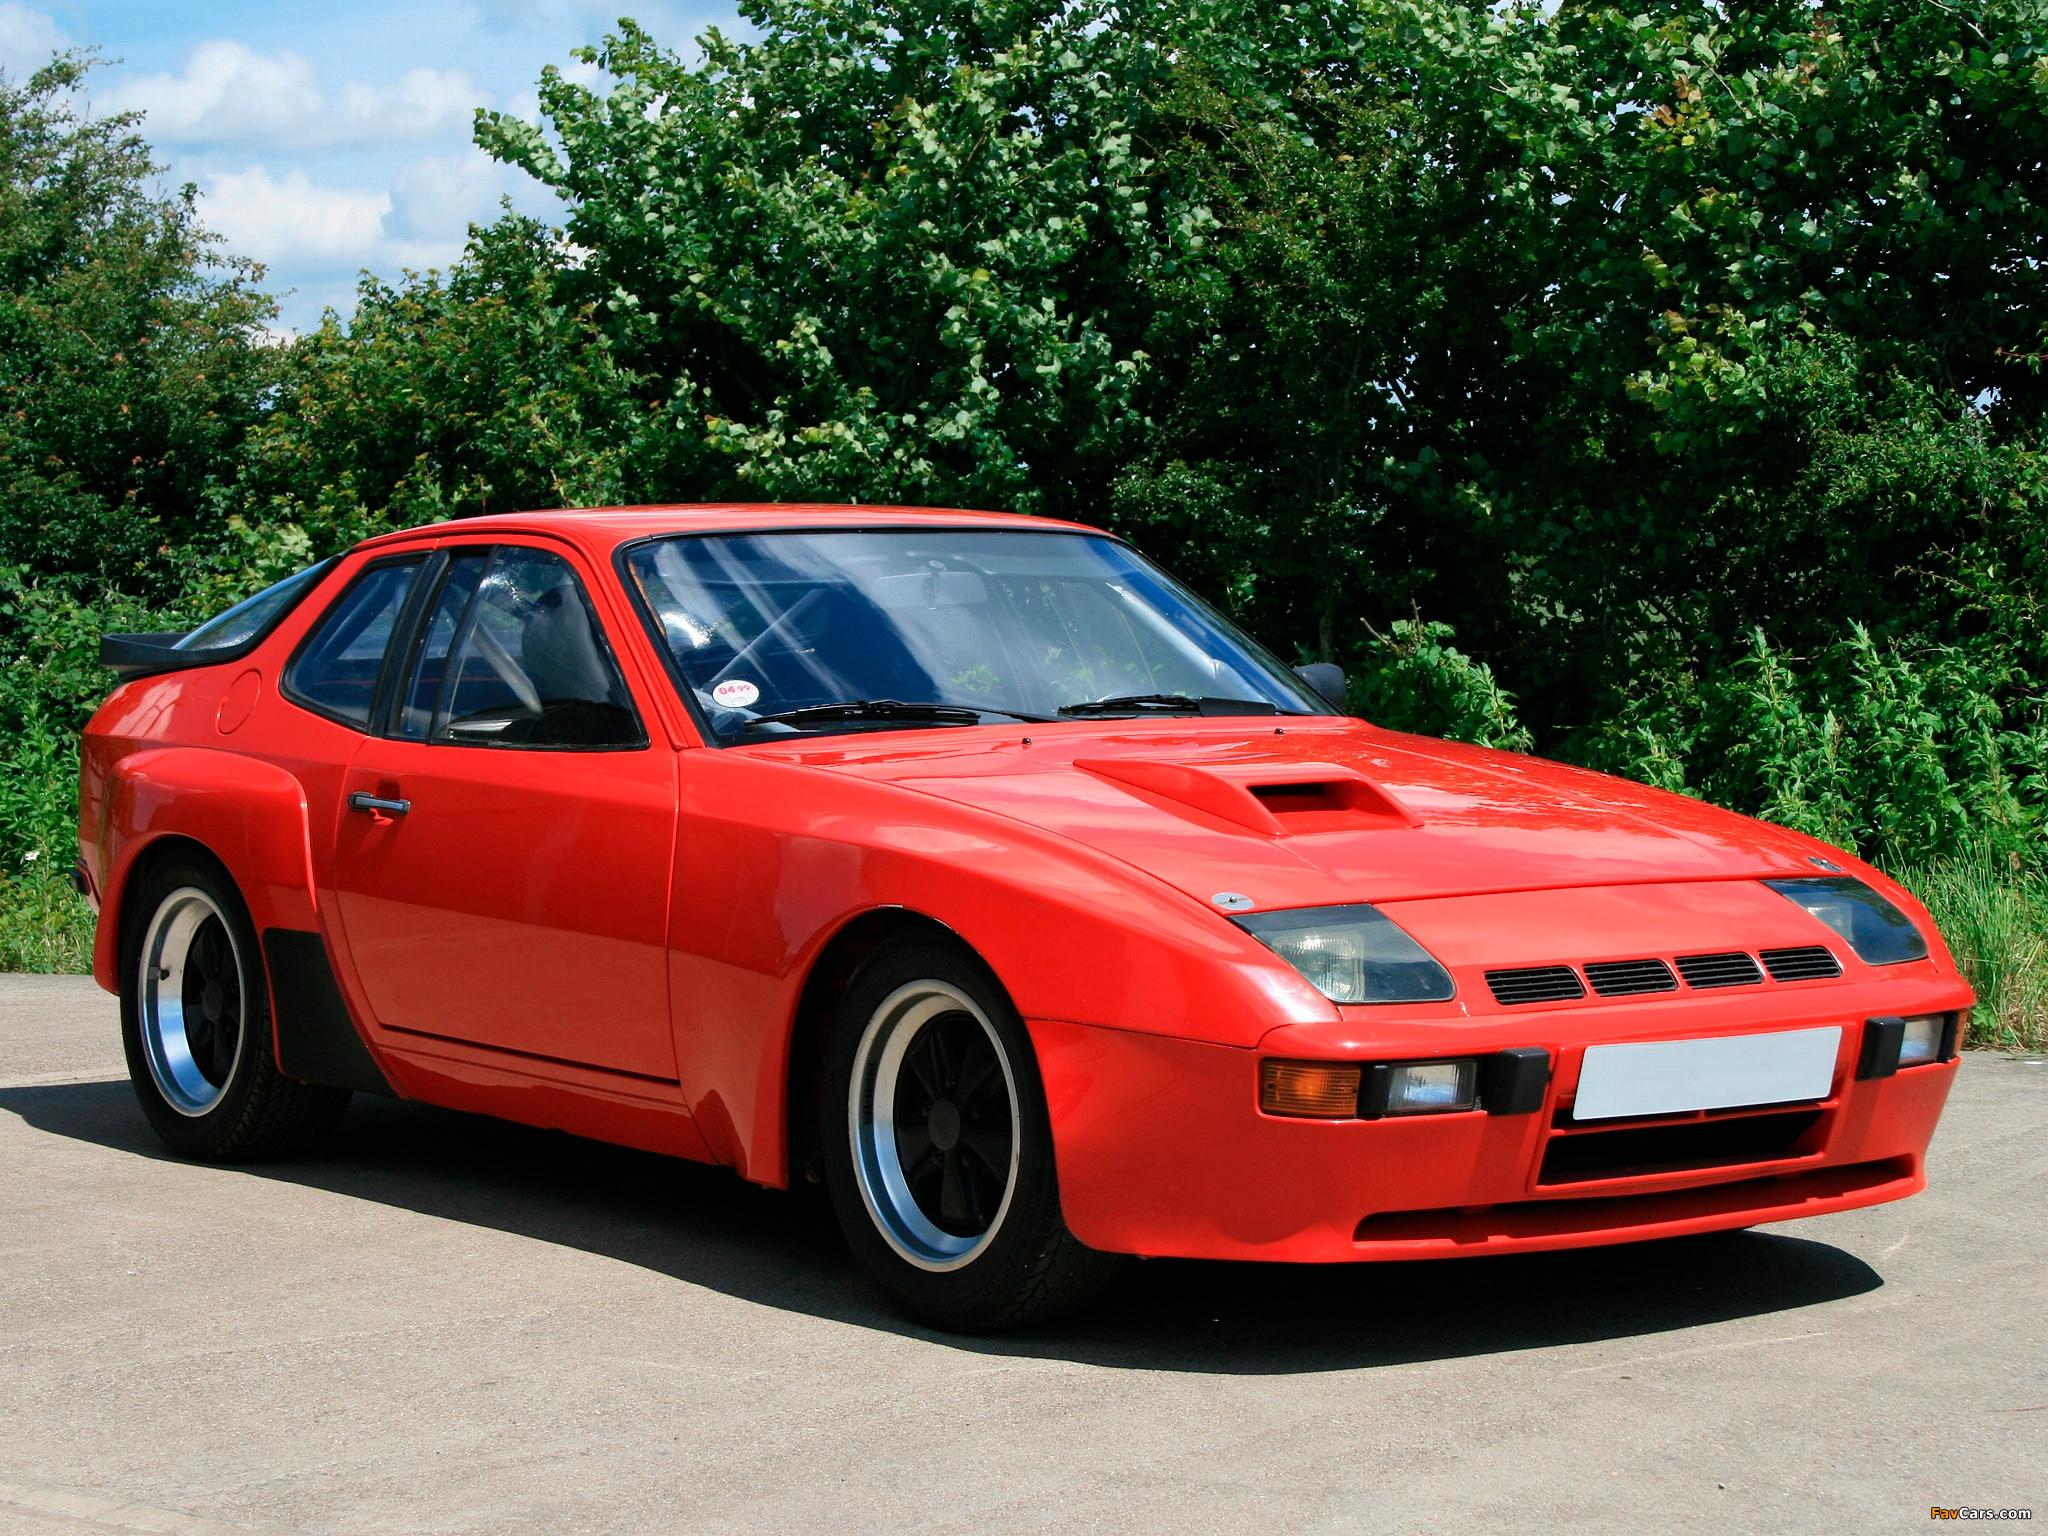 Porsche 924 Carrera GTS (937) 1981 photos (2048 x 1536)